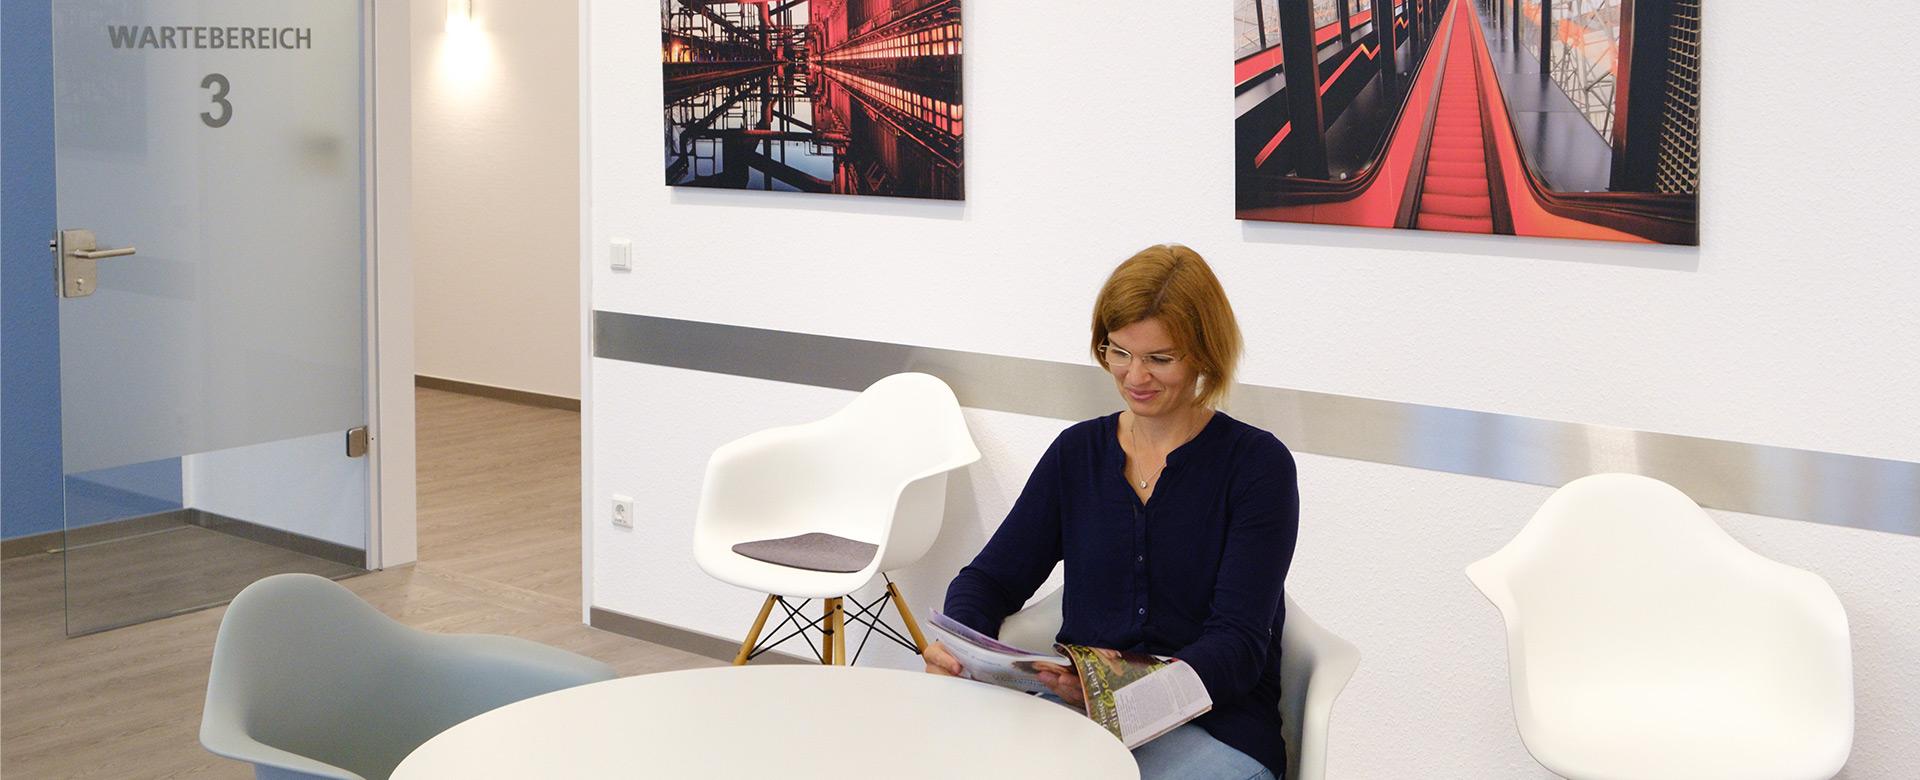 Frau im Wartezimmer liest Zeitung - Frauenarzt Frauenärztin Gynäkologie Pränataldiagnostik Essen